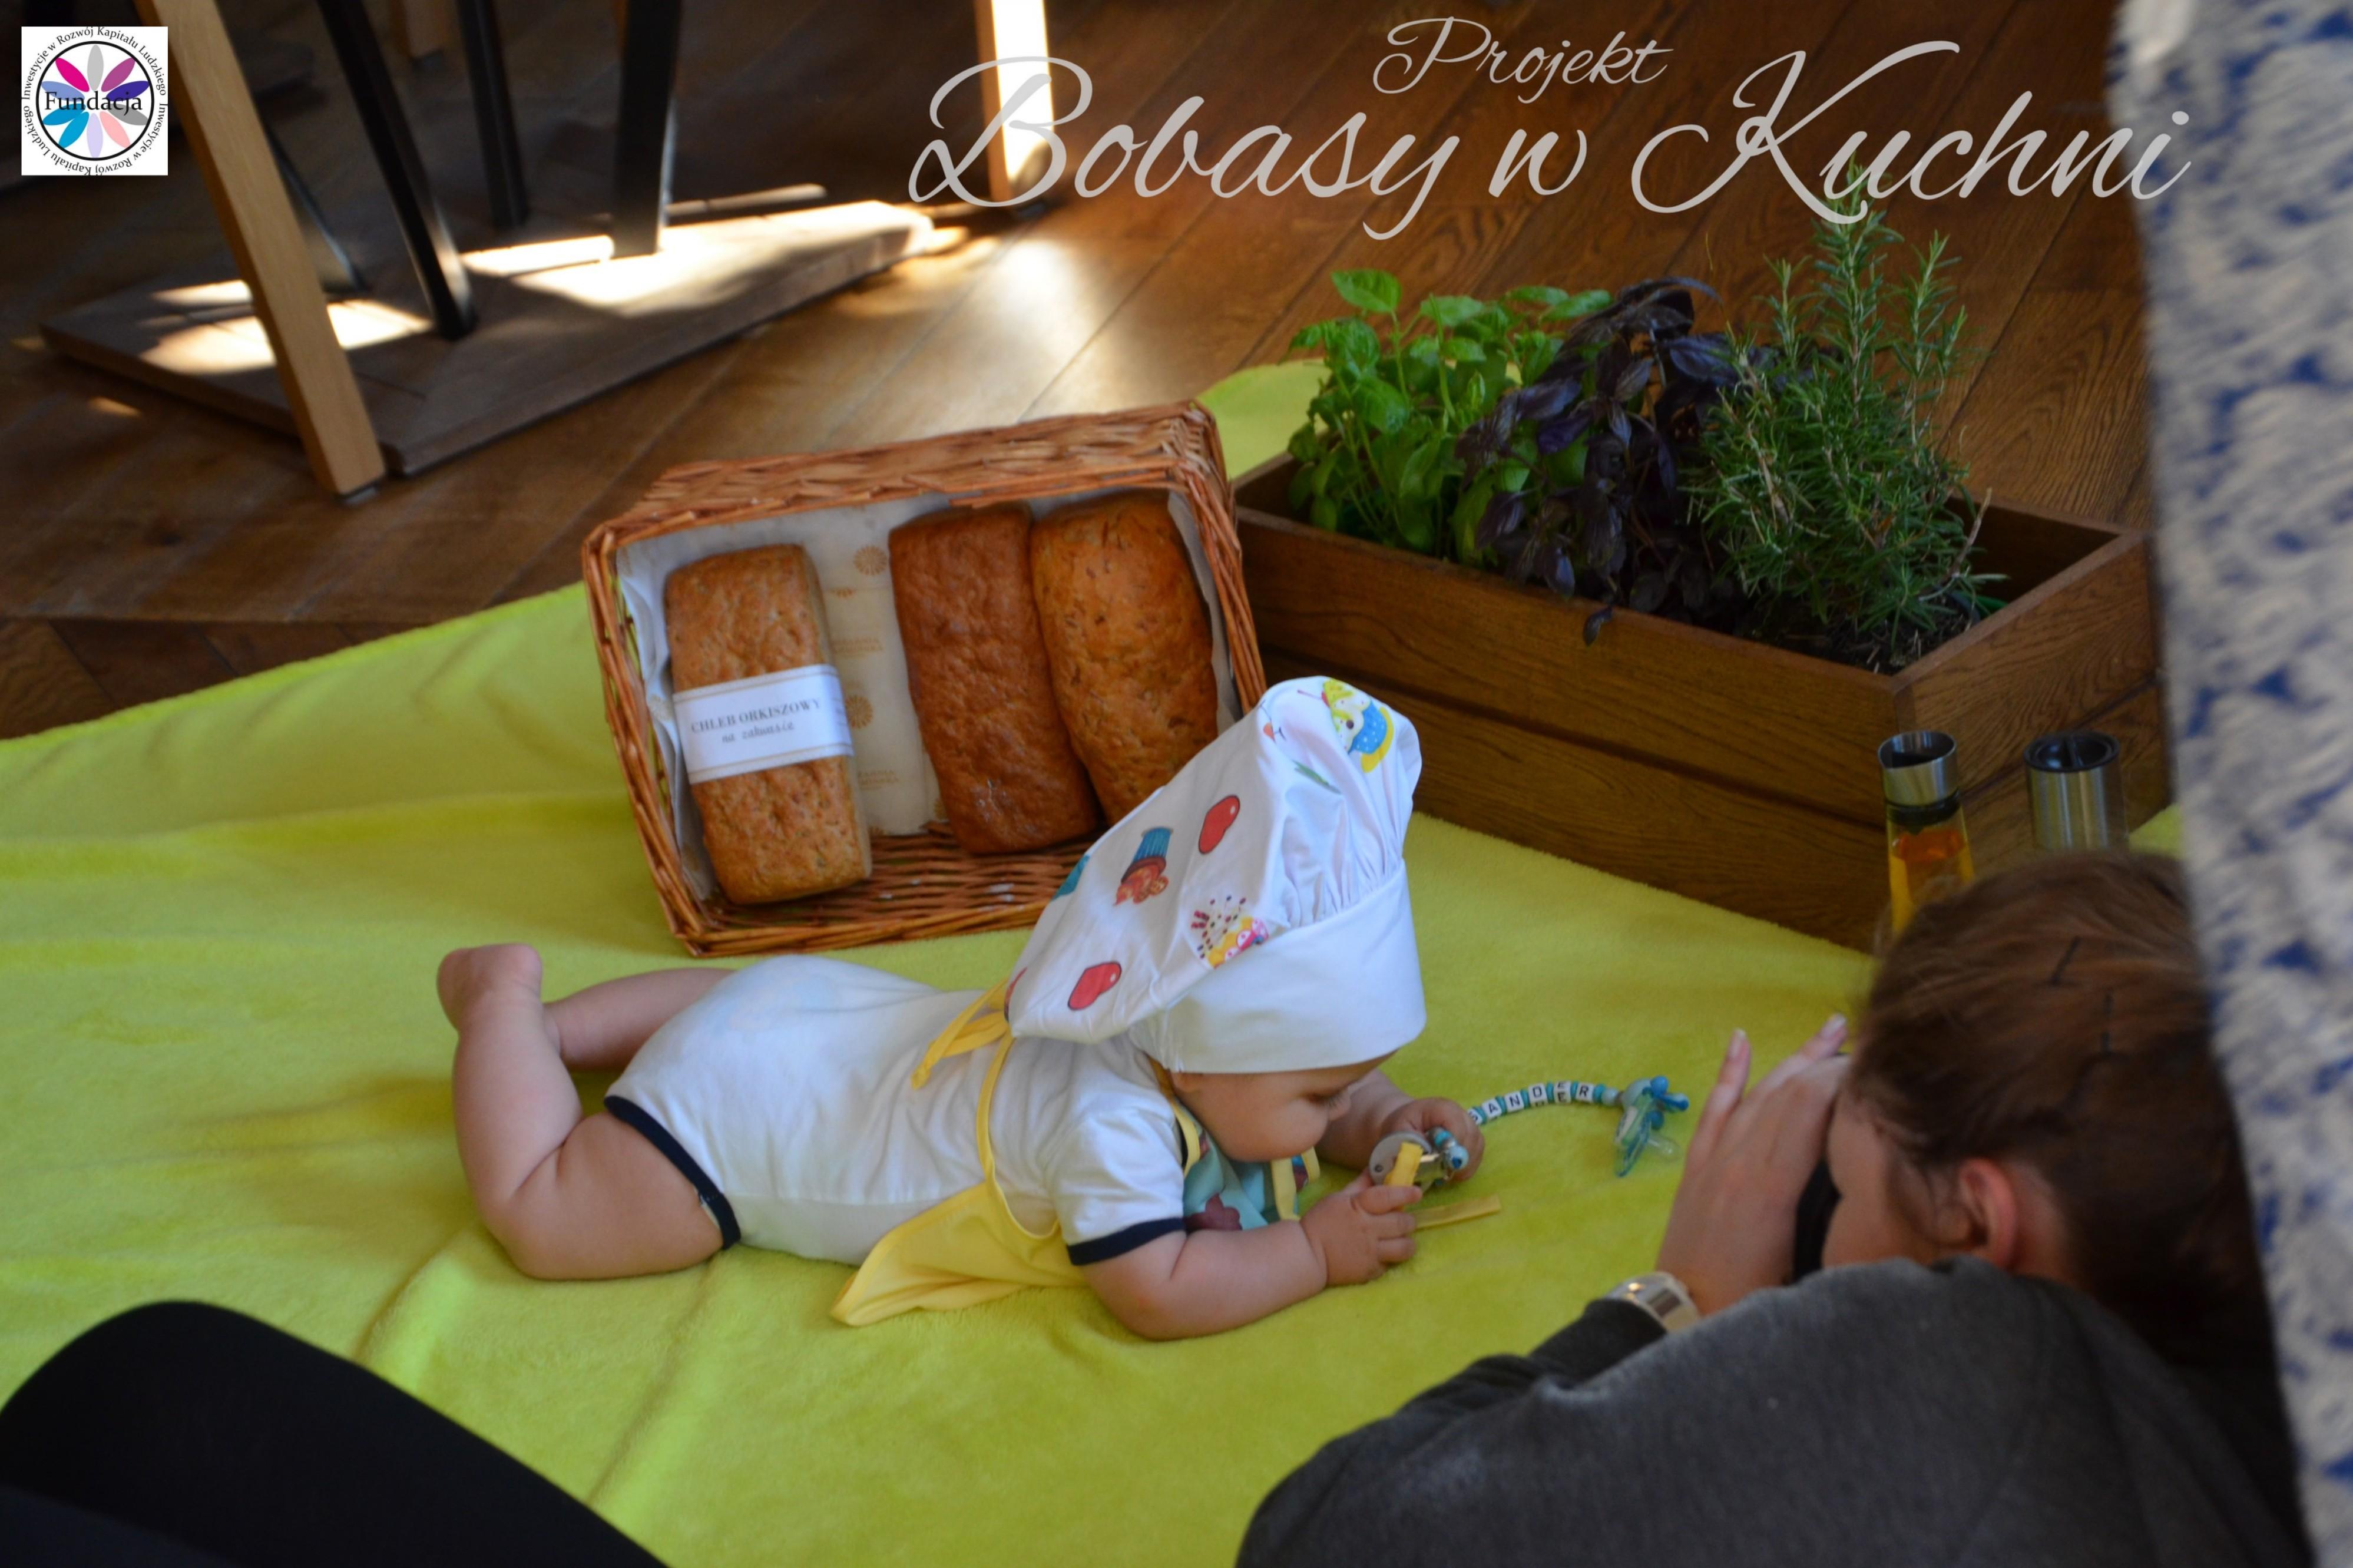 Wiktoria Olczak z Olkiem z projektu Bobasy w Kuchni sesja24